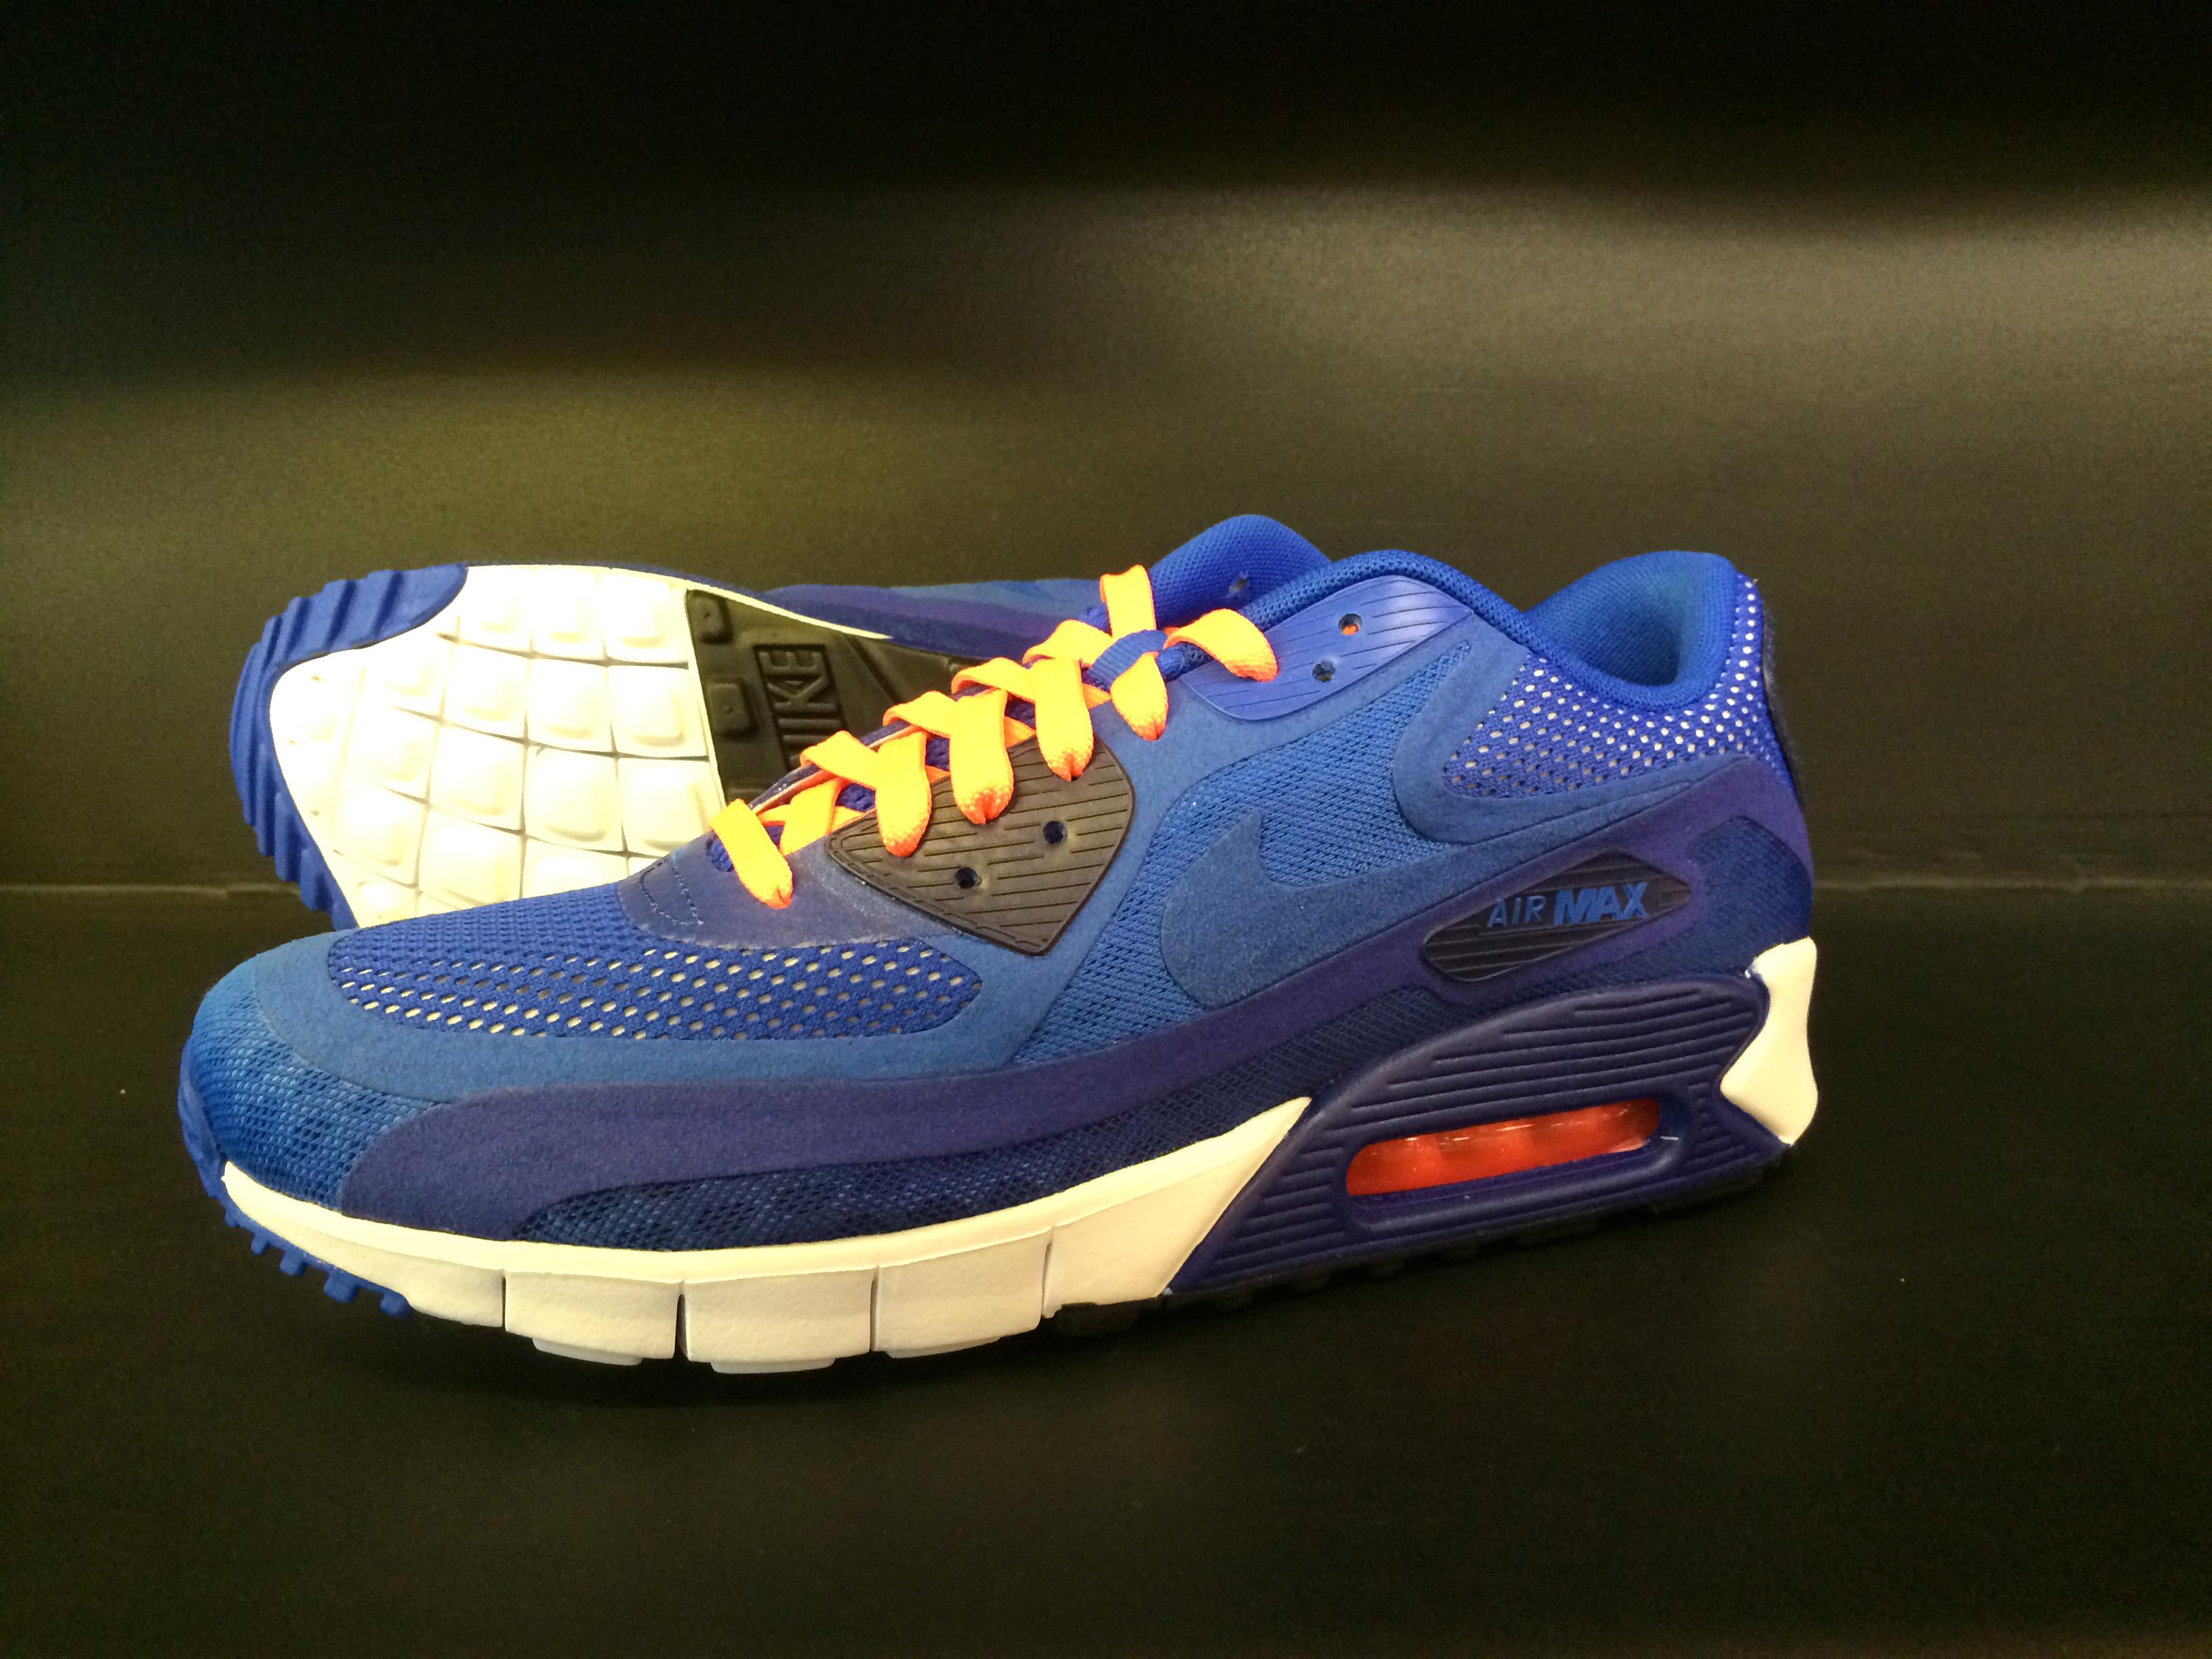 Nike Air Max 90 Breathe Blue